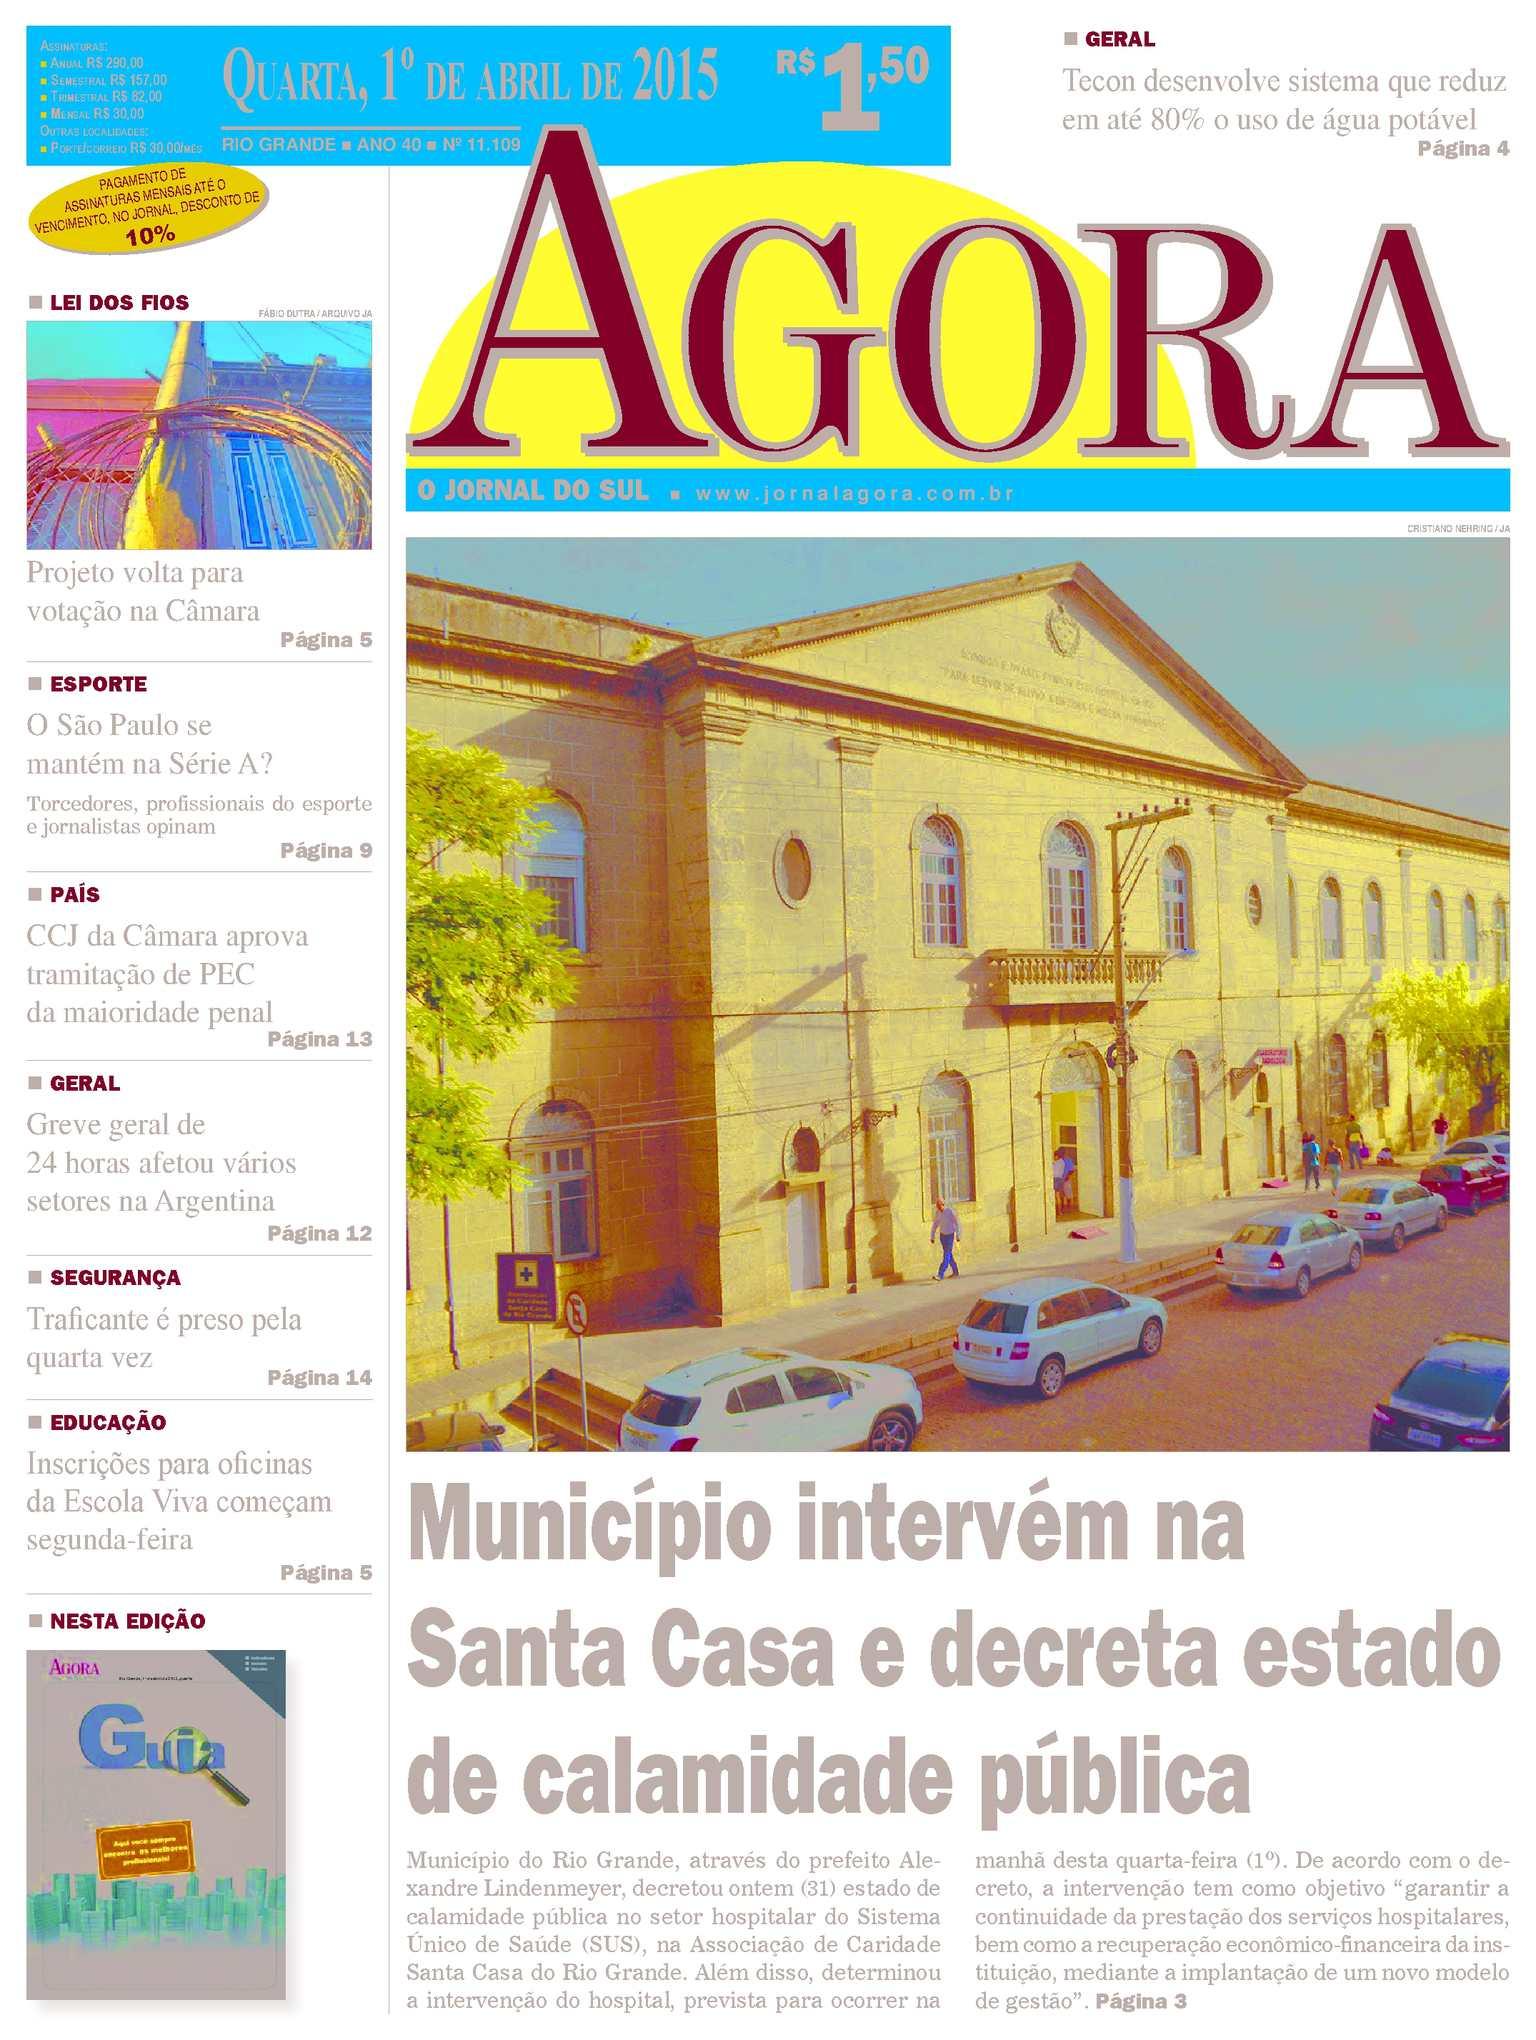 Calaméo - Jornal Agora - Edição 11109 - 1º de Abril de 2015 3120e34a34a9e